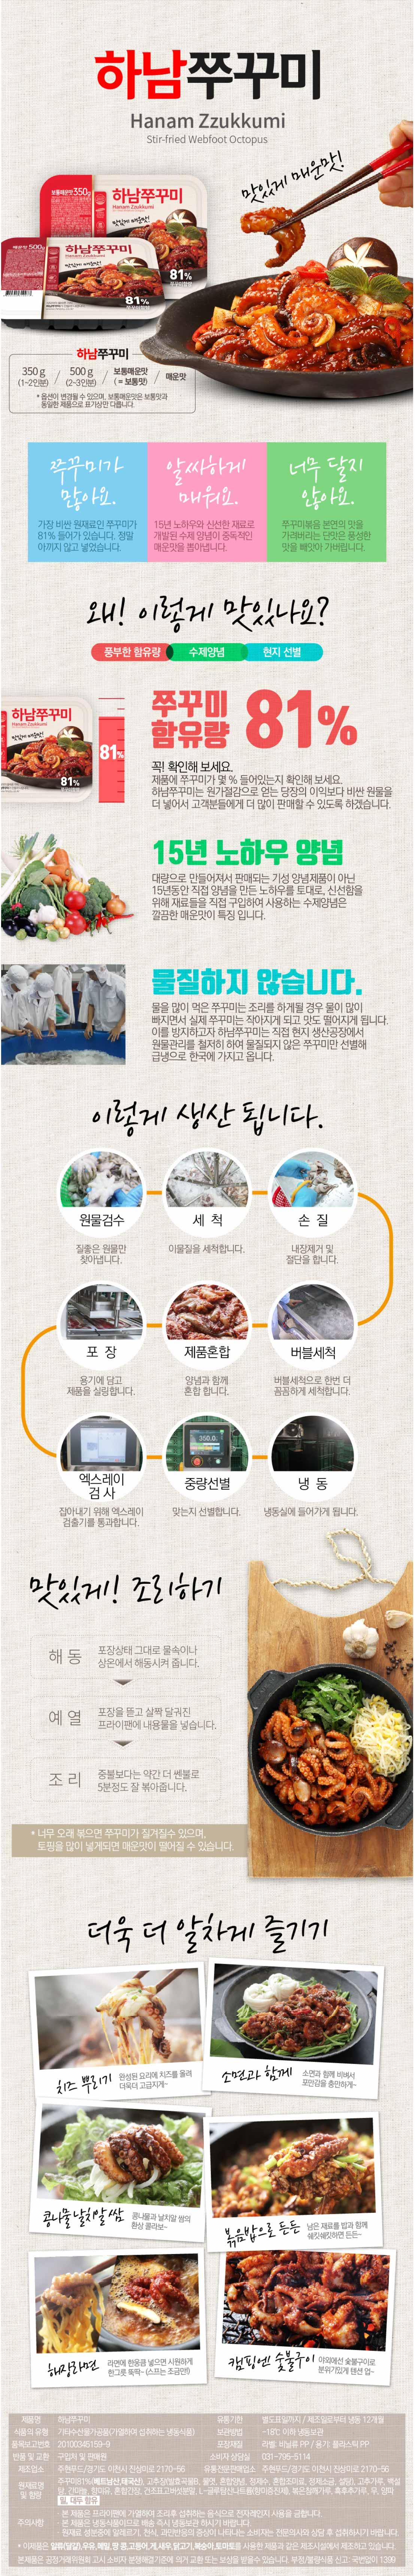 [단일배송] 하남핫푸드 핫쭈꾸미 보통매운맛 5팩 + 하남갑오징어 5팩